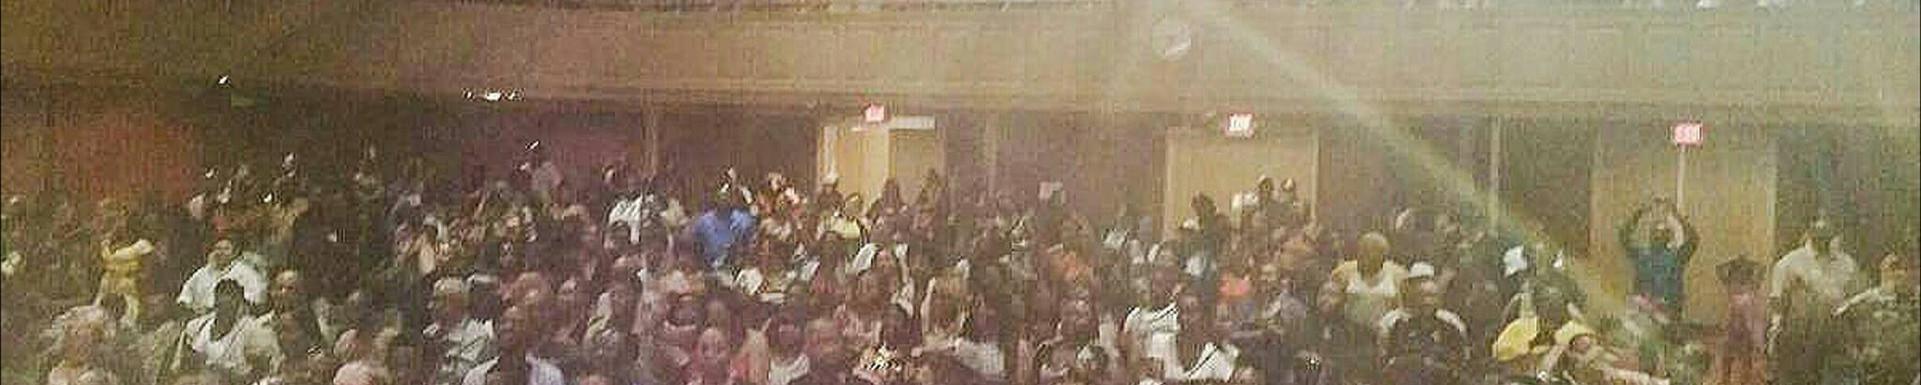 1st MSIB Audience